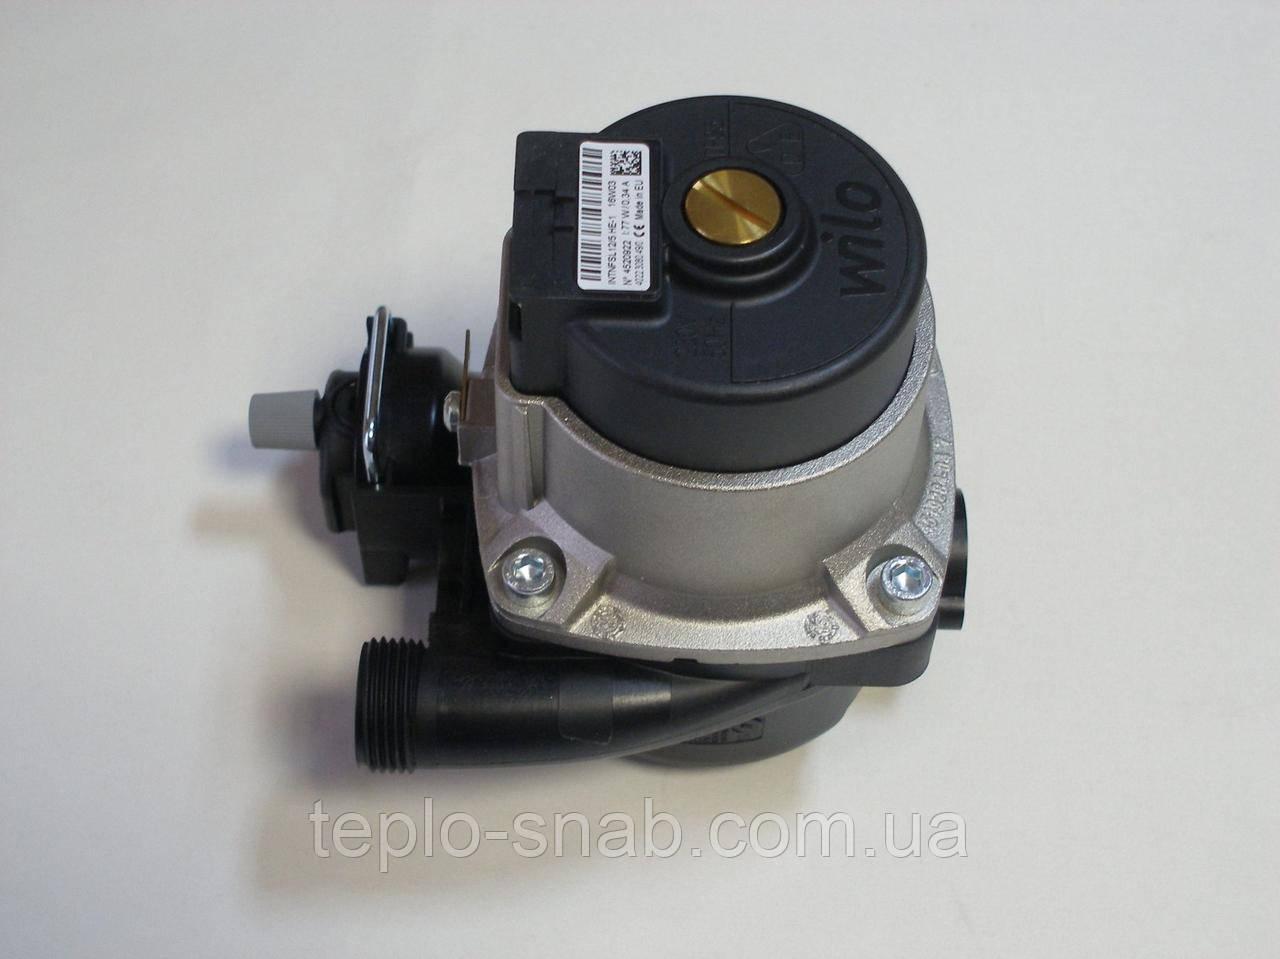 Циркуляційний насос (в зборі) для газового навісного котла Biasi Delta M297R.24CM/F, M97.24DM/F. BI1462103